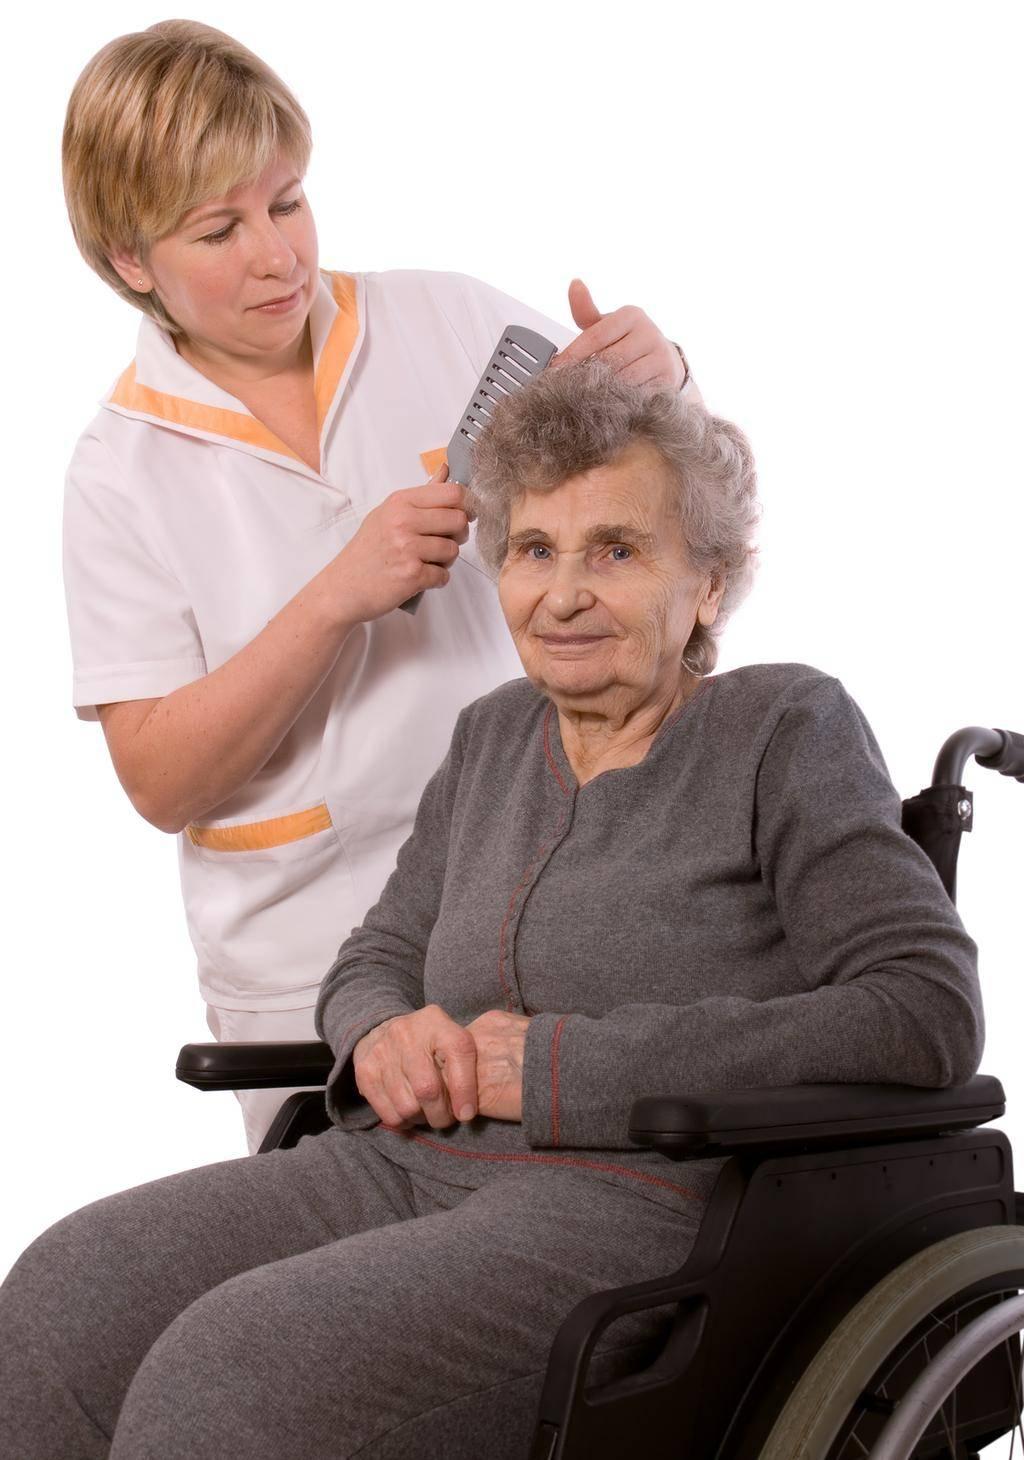 Premier Care Services